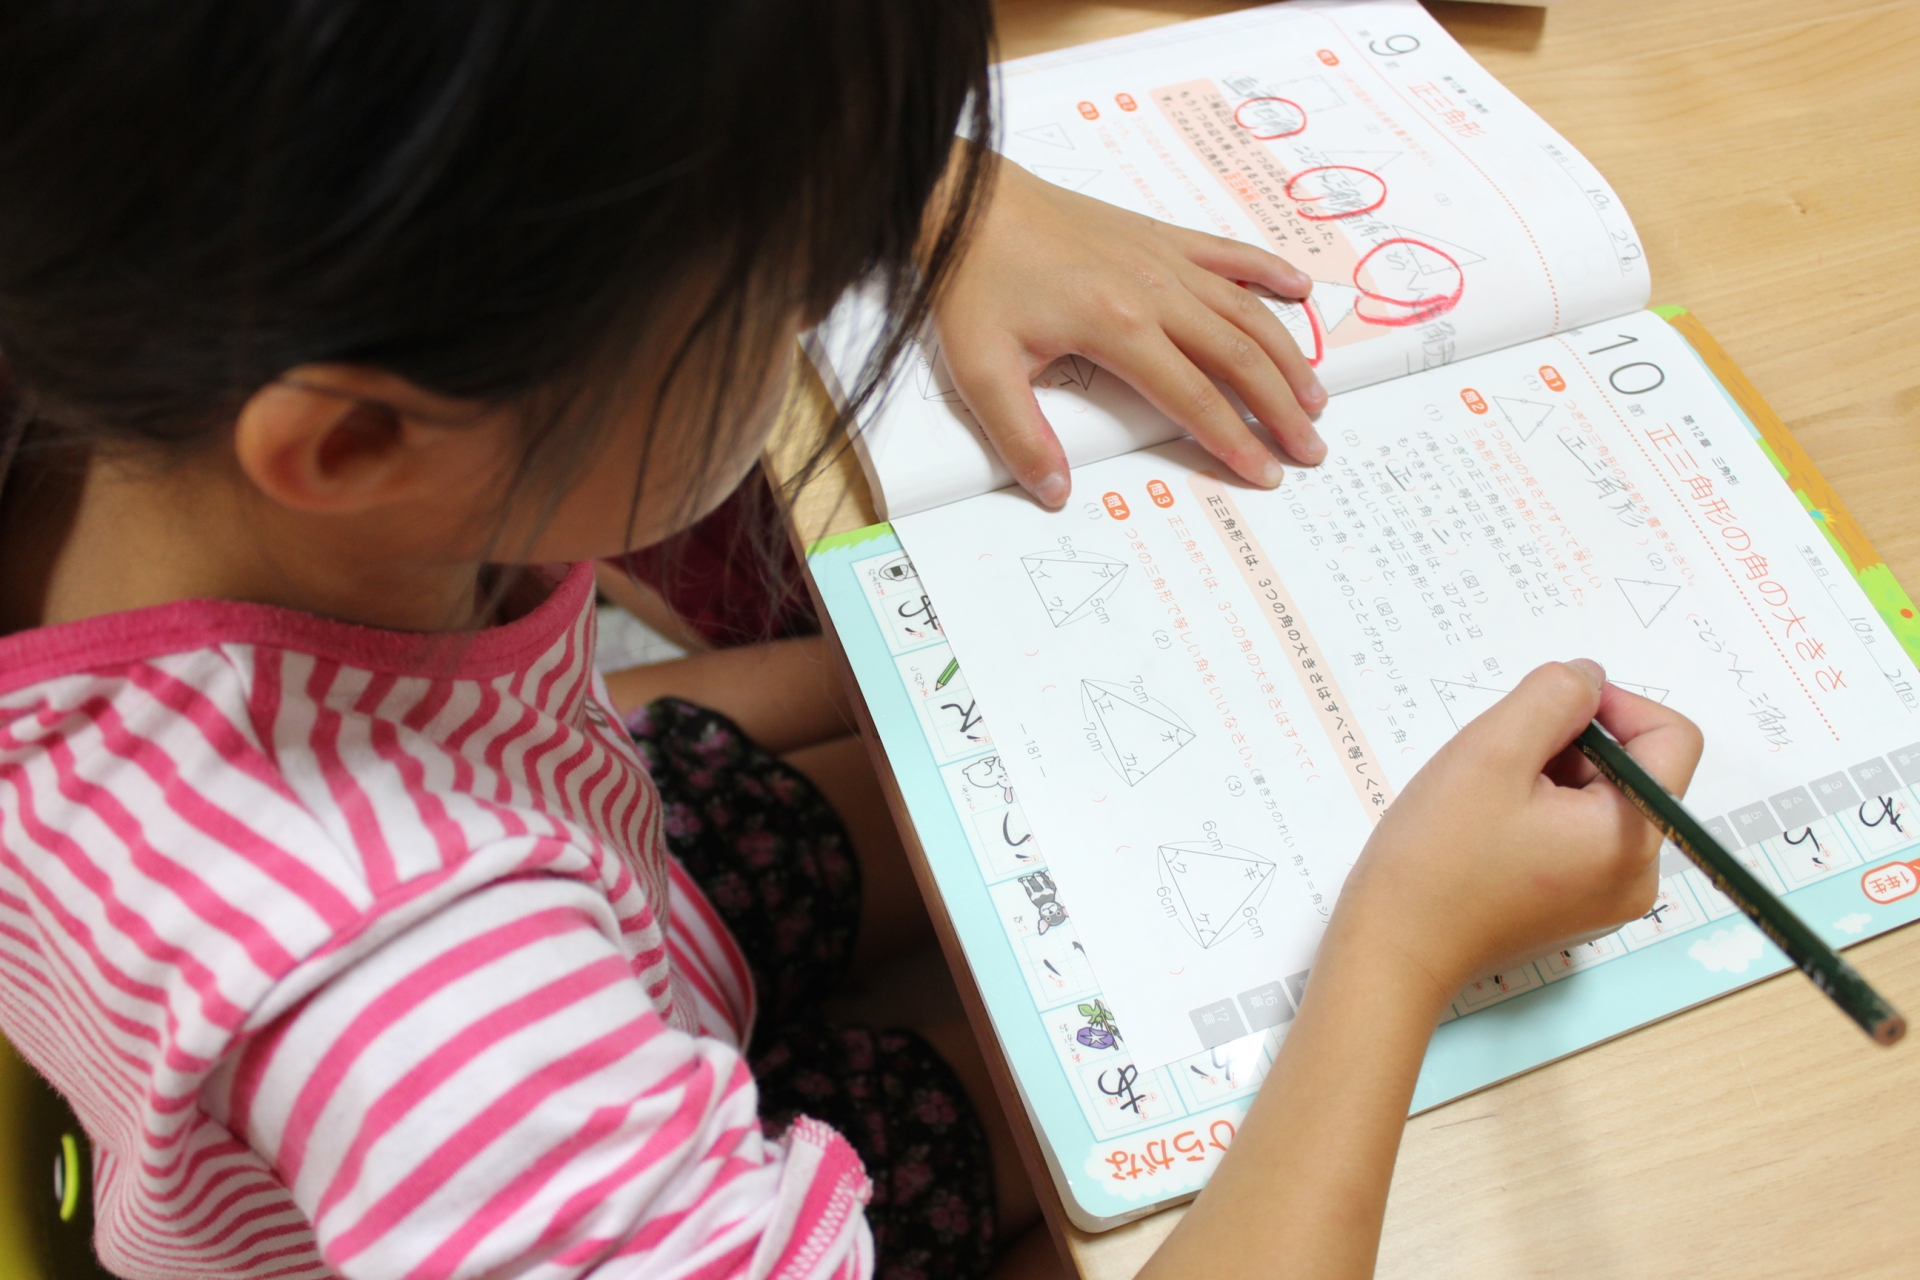 子どもの貧困連鎖の問題は、単なる「無料塾」をいくら作っても不十分!-支援への依存を助長する危険性あり